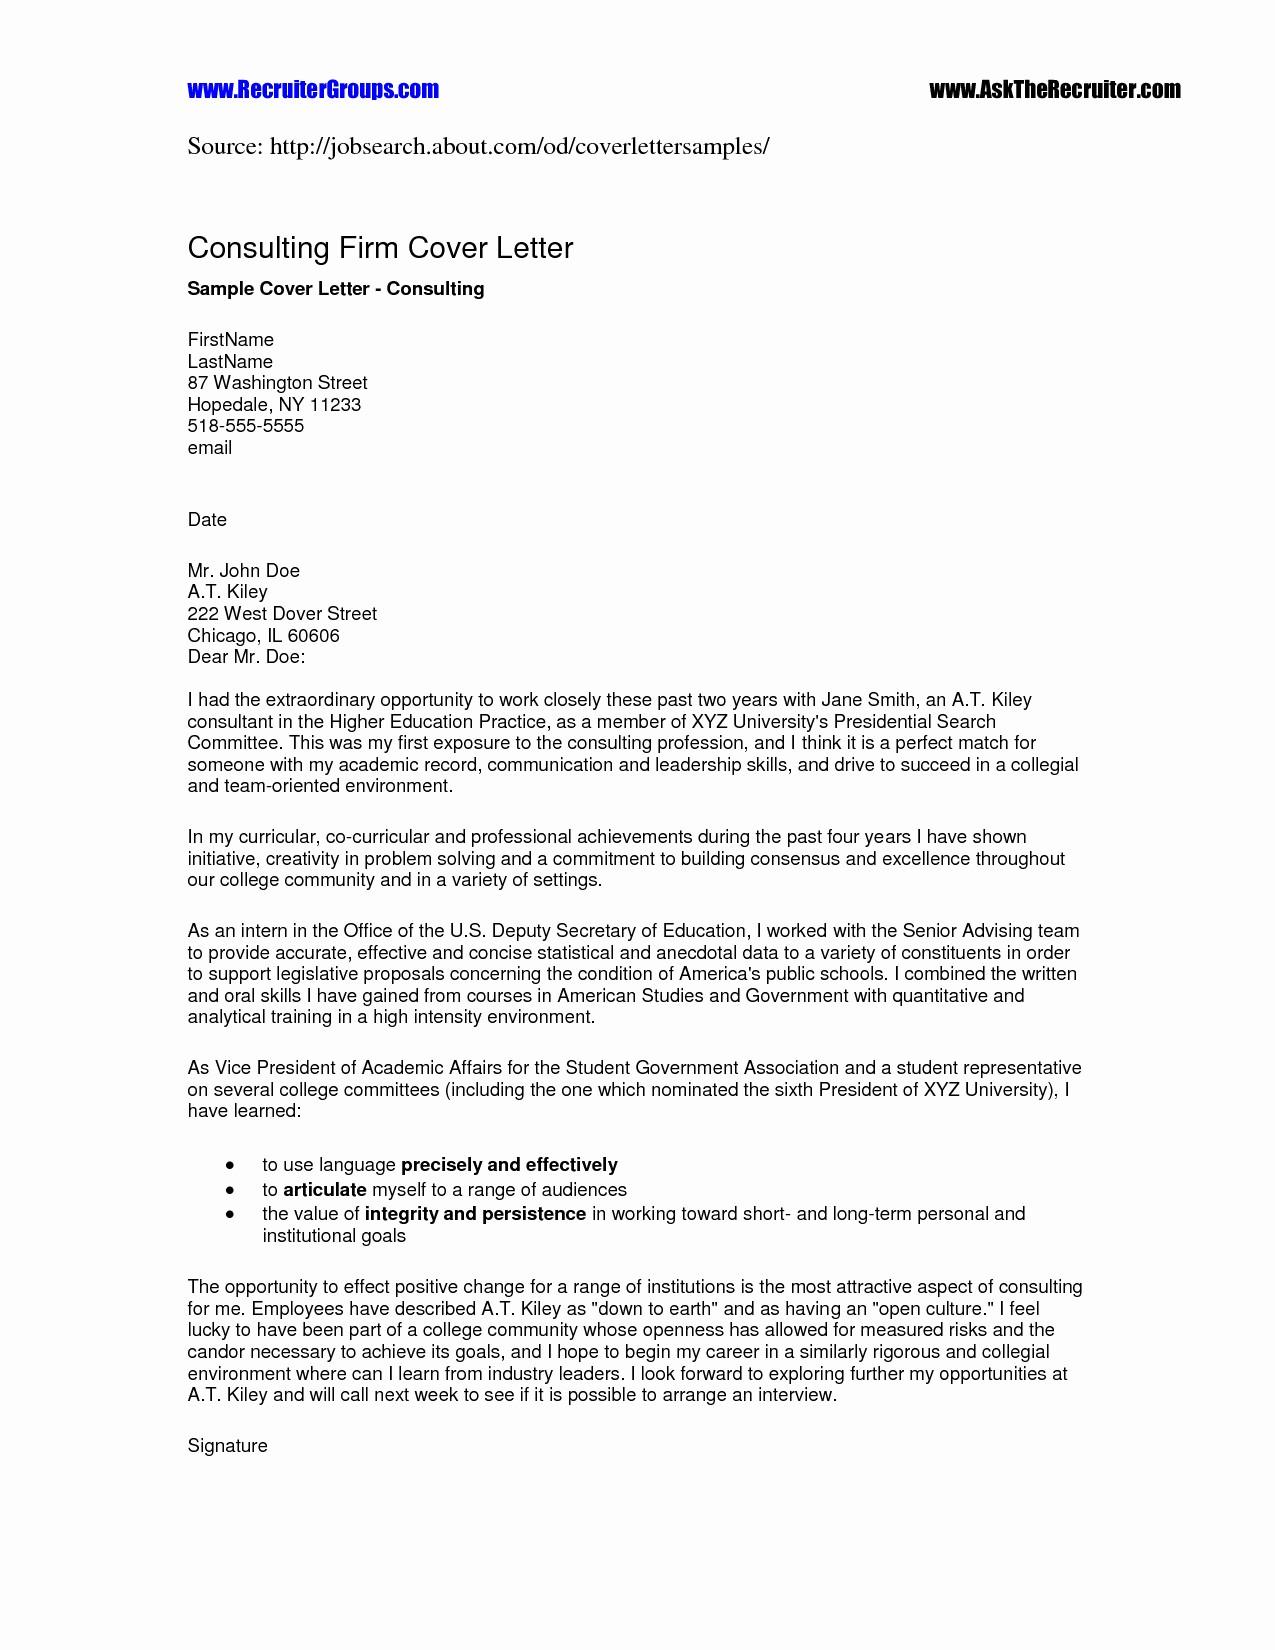 Employment Offer Letter Template - Employment Fer Letter Template Doc Copy Resignation Letter Sample